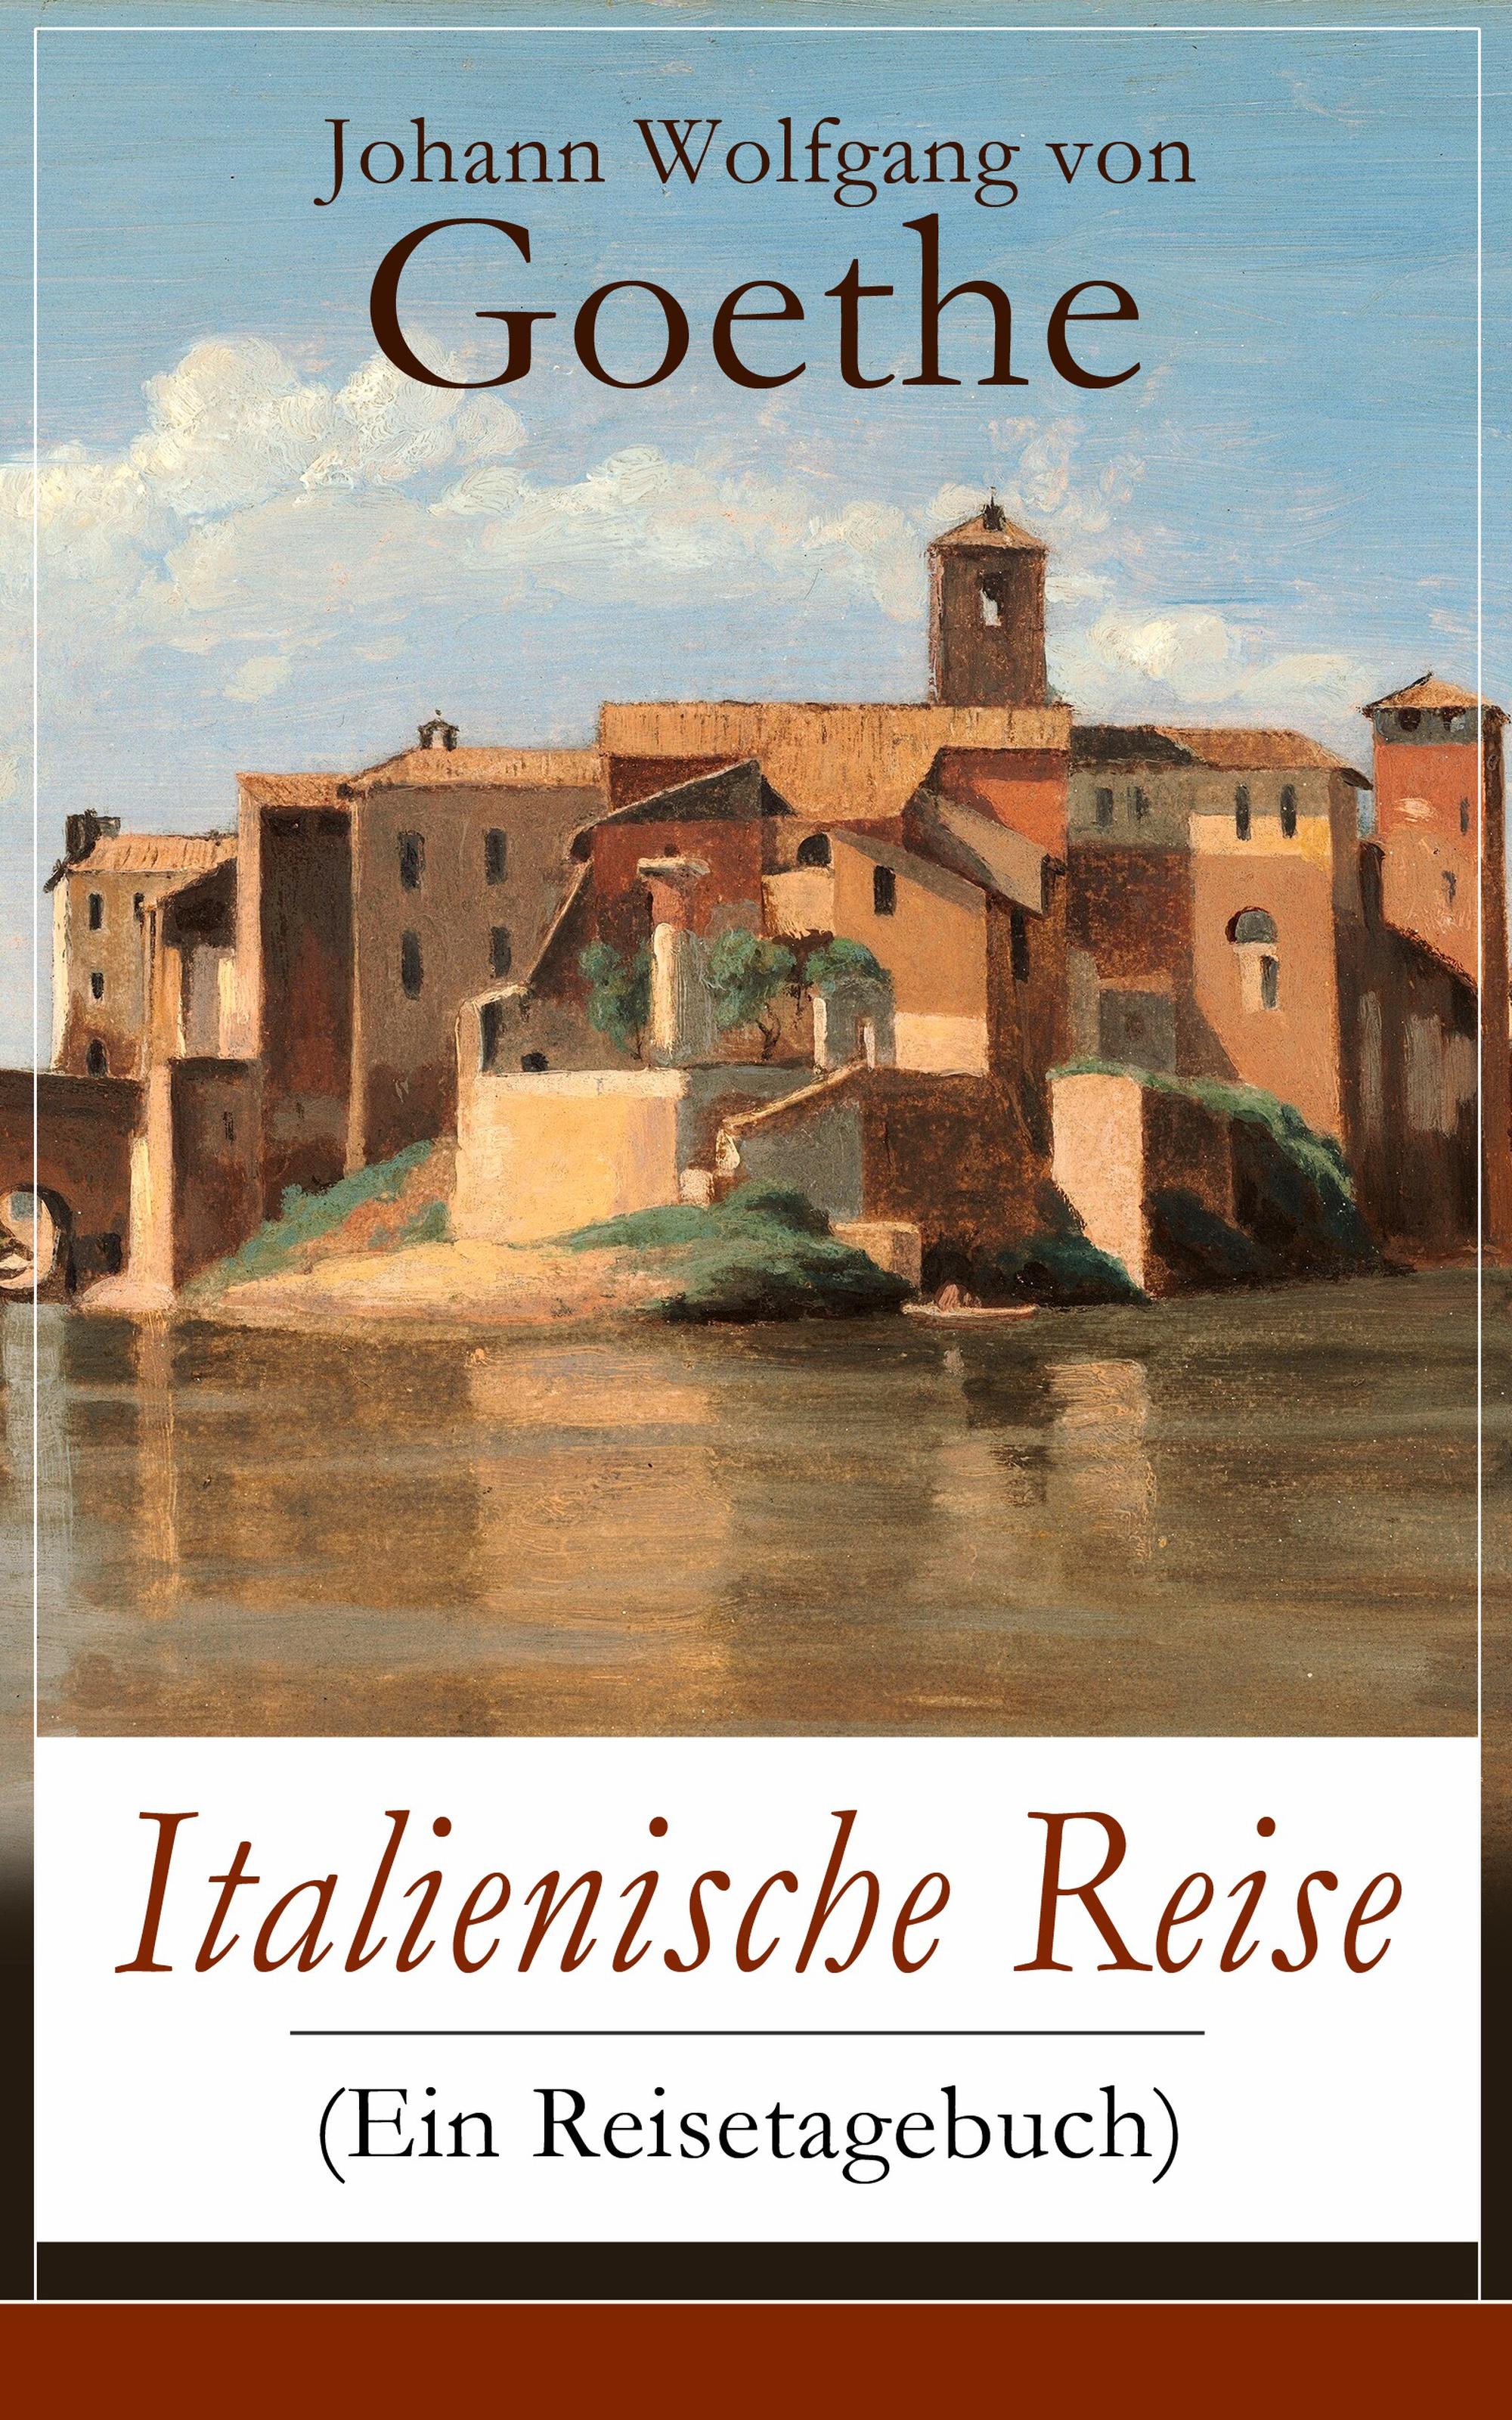 Johann Wolfgang von Goethe Italienische Reise (Ein Reisetagebuch)